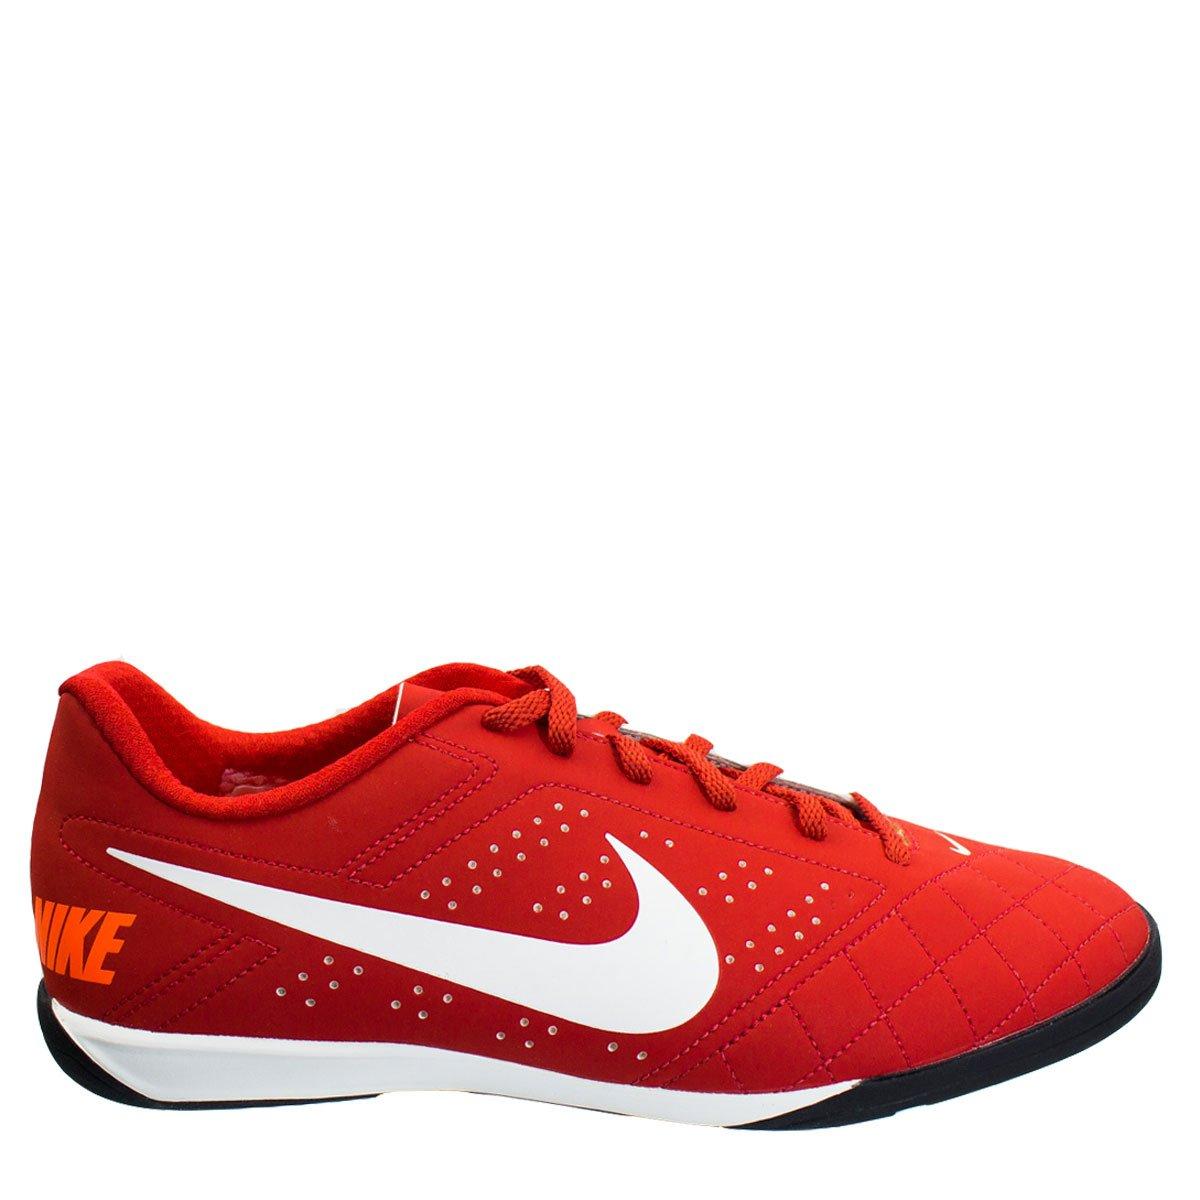 Bizz Store - Chuteira Para Futsal Nike Beco 2 Masculina 646433 e889db8c36d